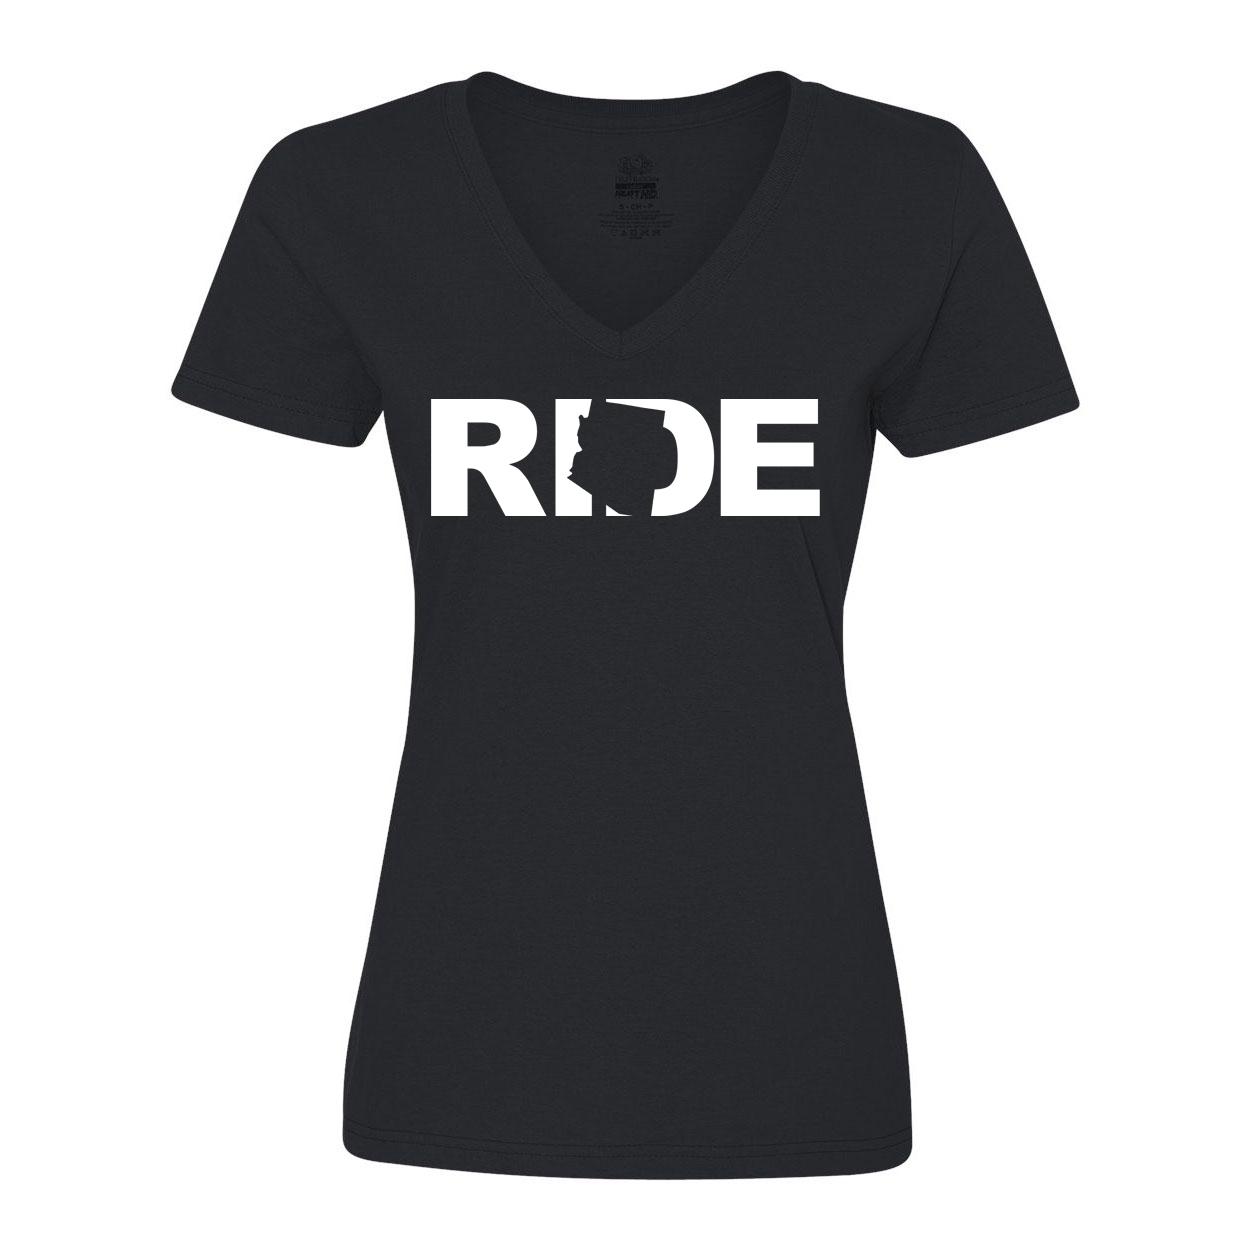 Ride Arizona Classic Women's V-Neck Shirt Black (White Logo)